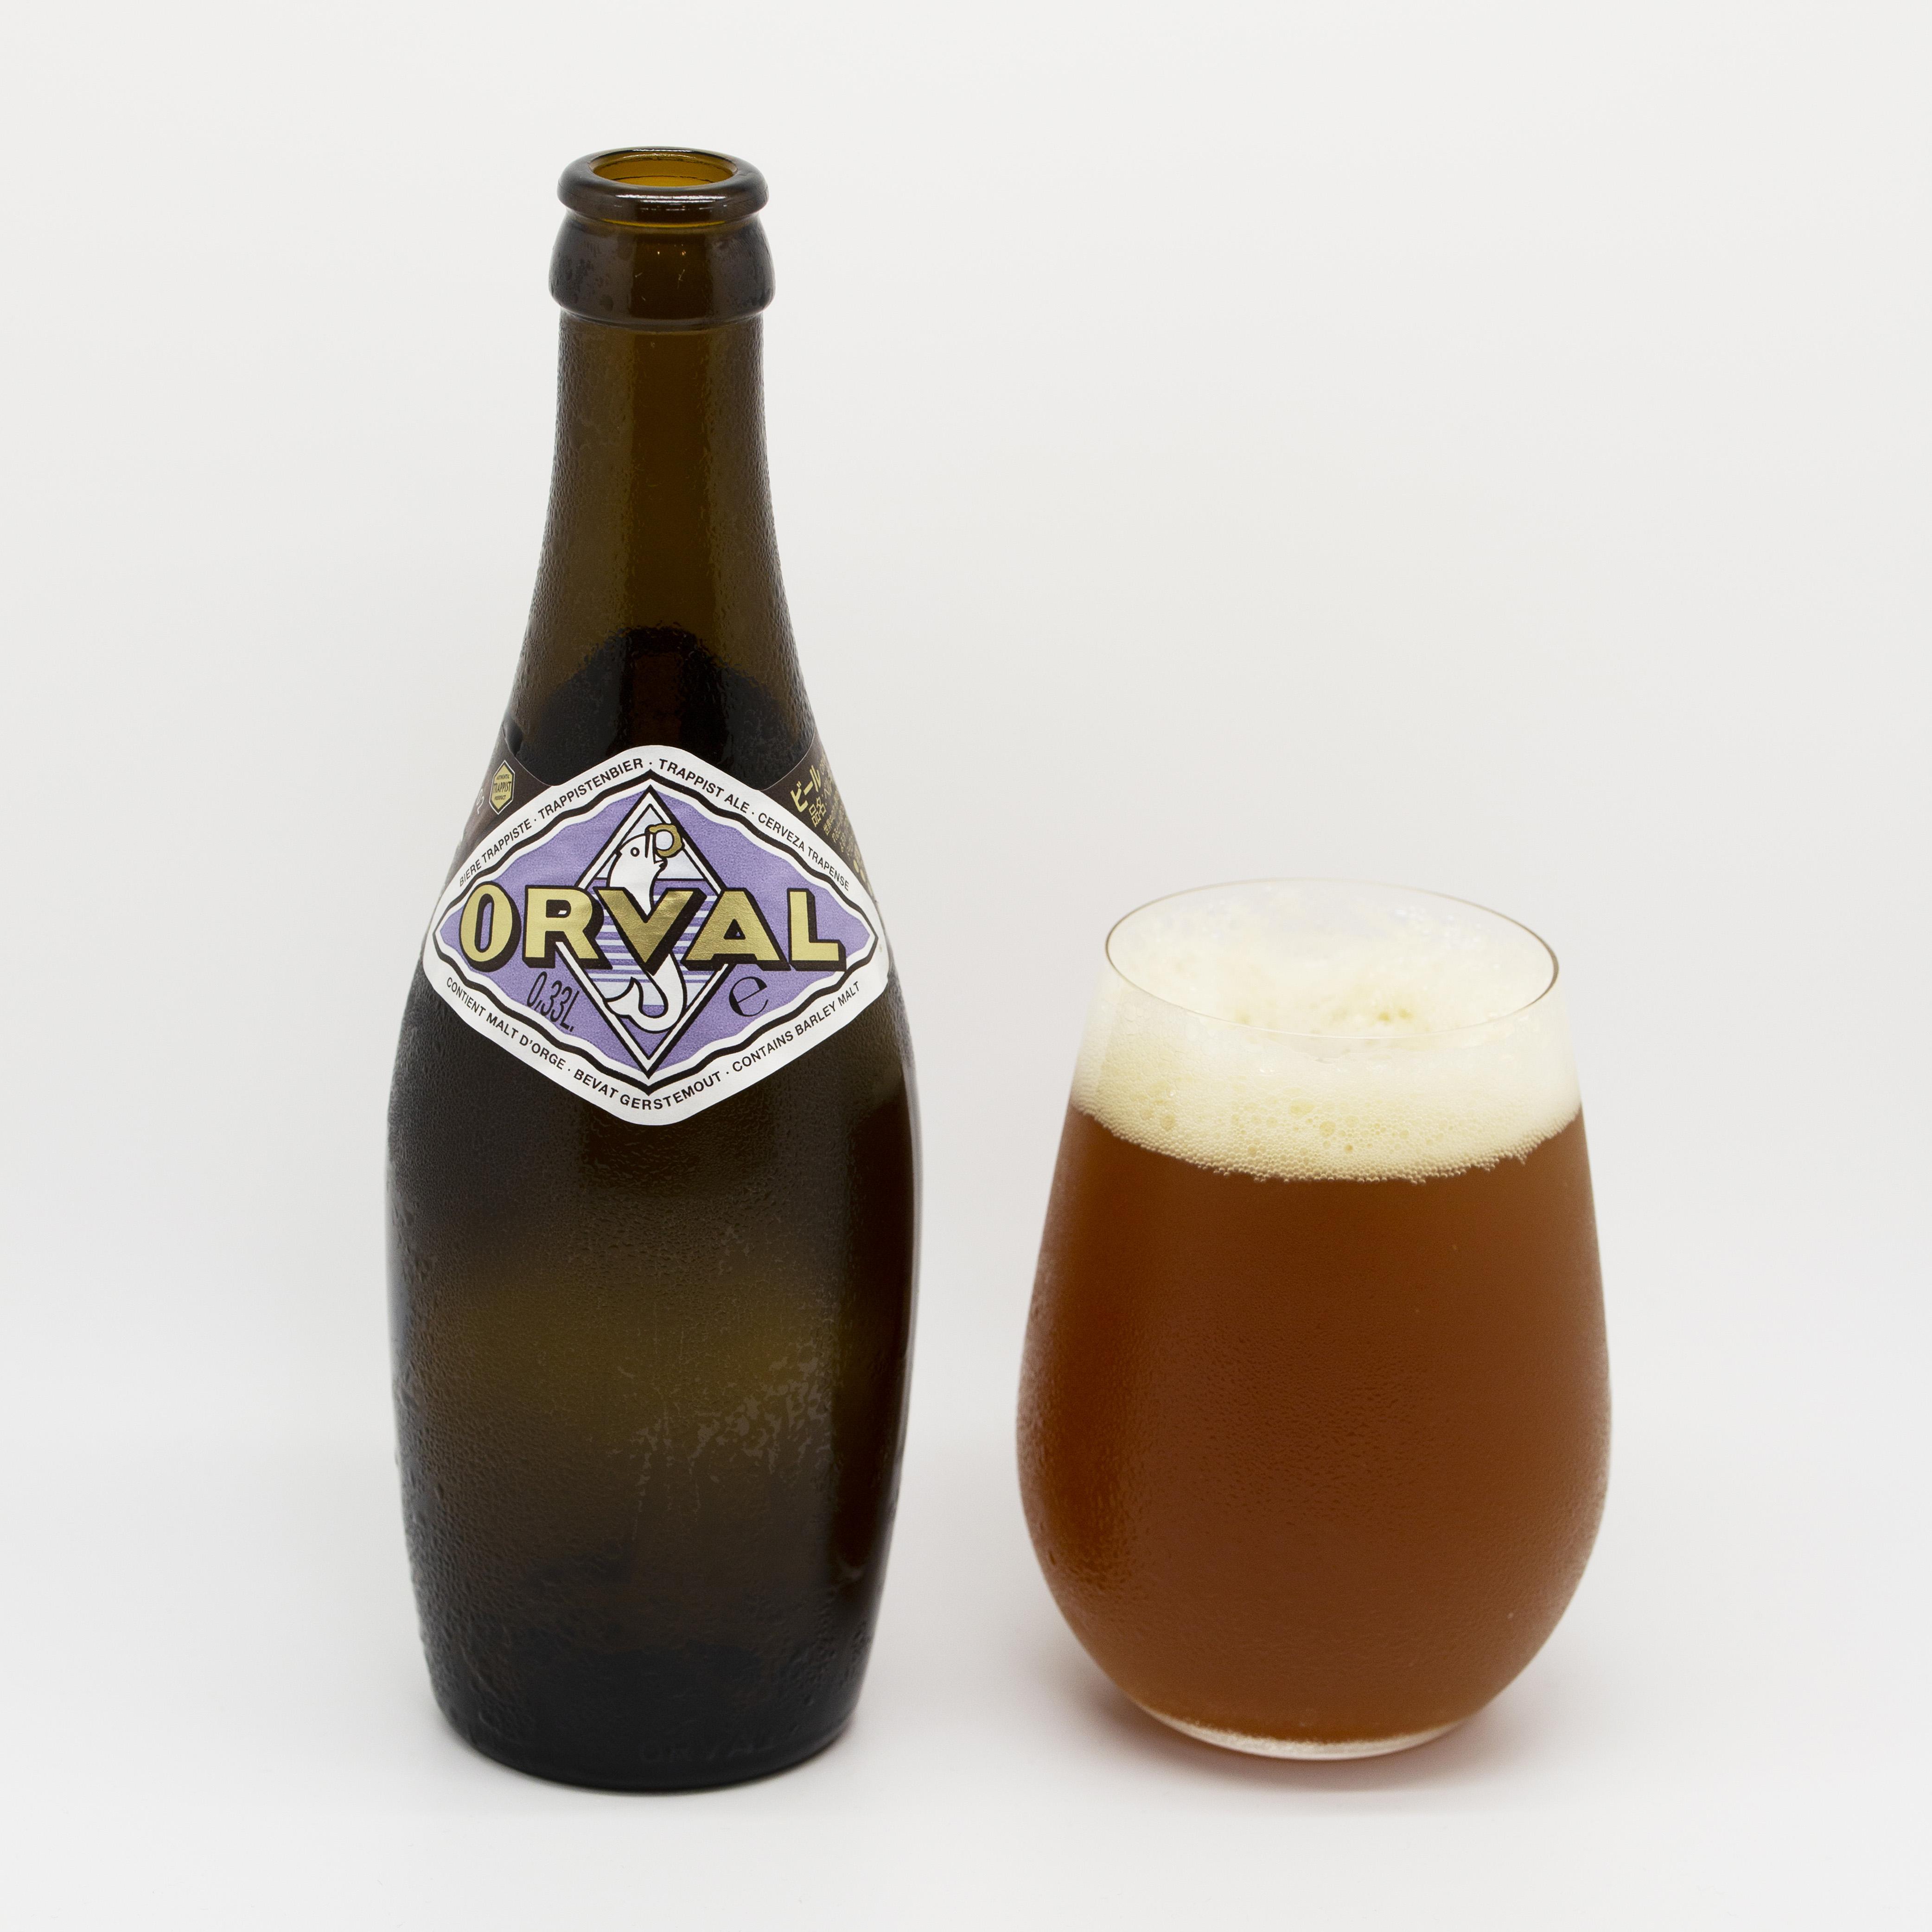 【ビール図鑑】ORVAL